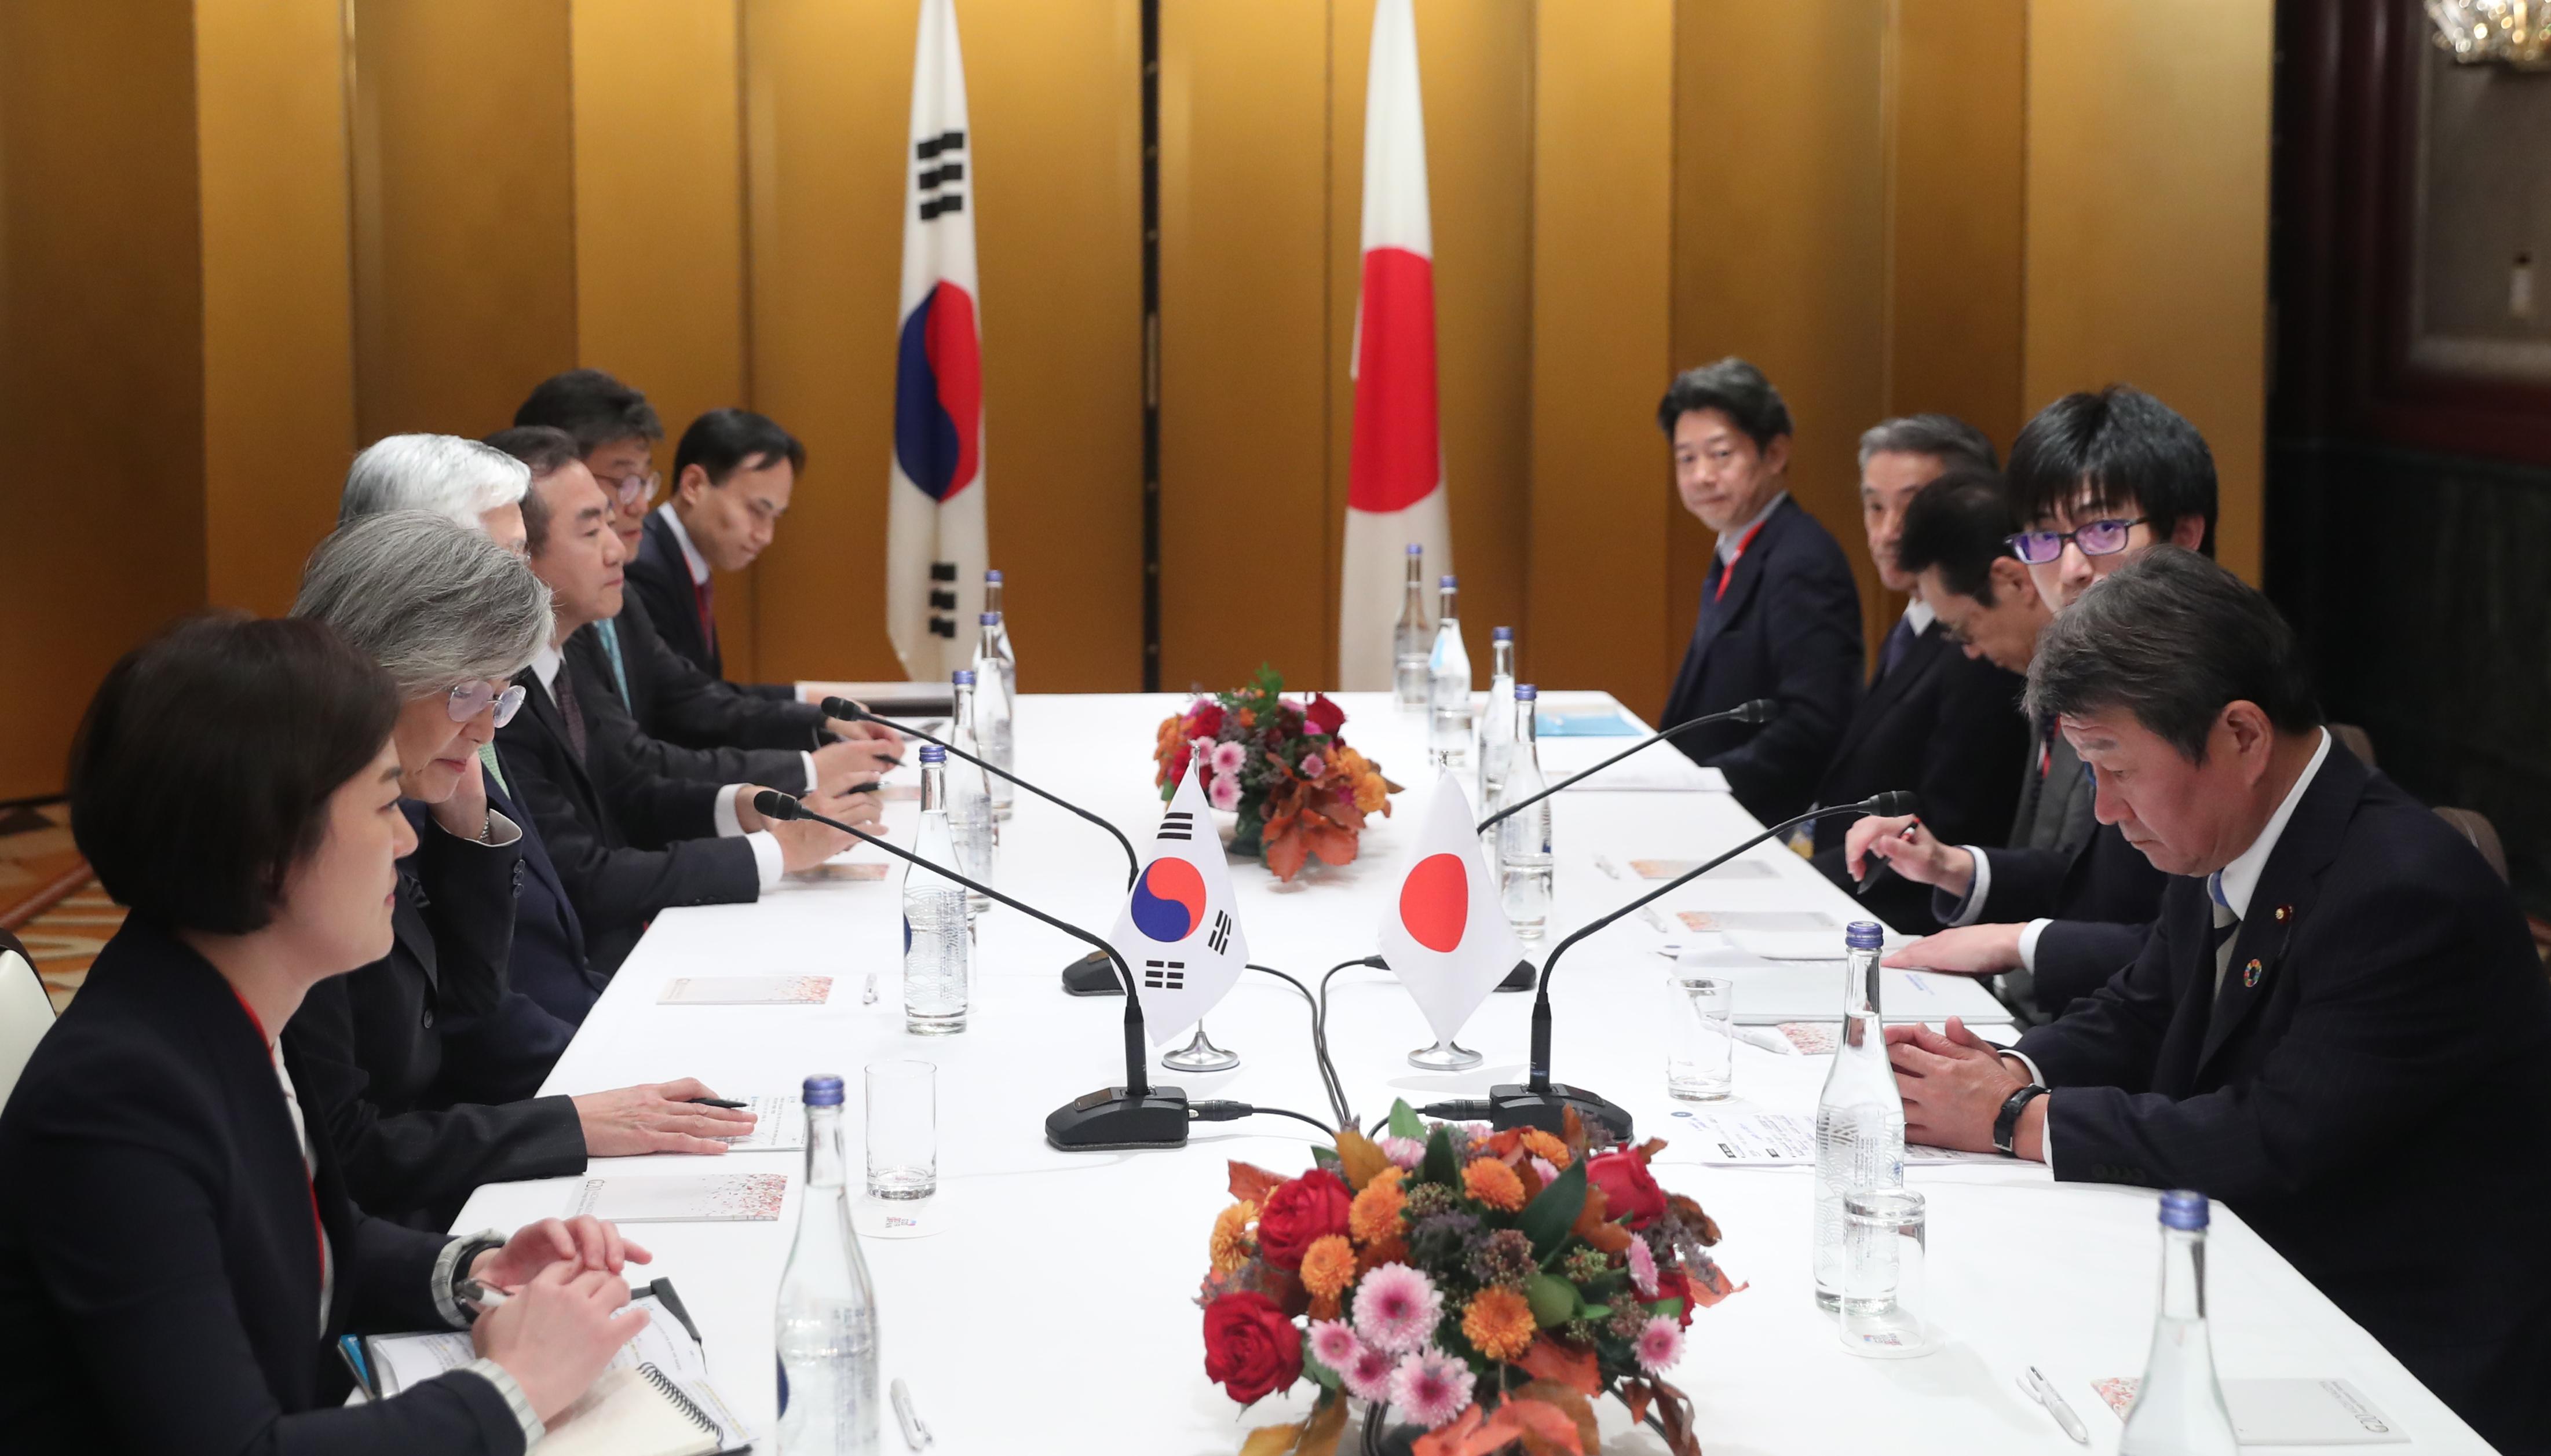 지난달 23일 일본에서 진행된 한일 외교장관 회담